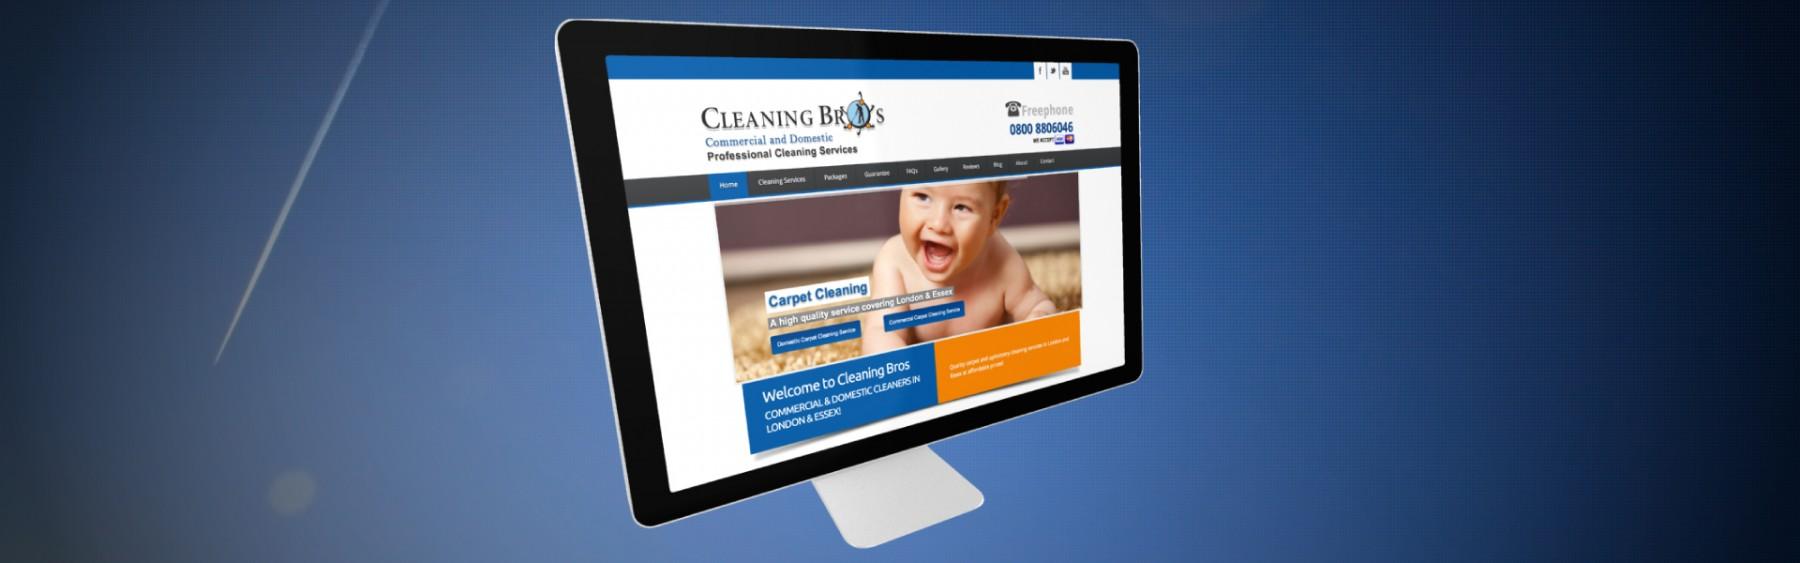 portfolio new1 CBR e1435619305573 - Web design for interior design business